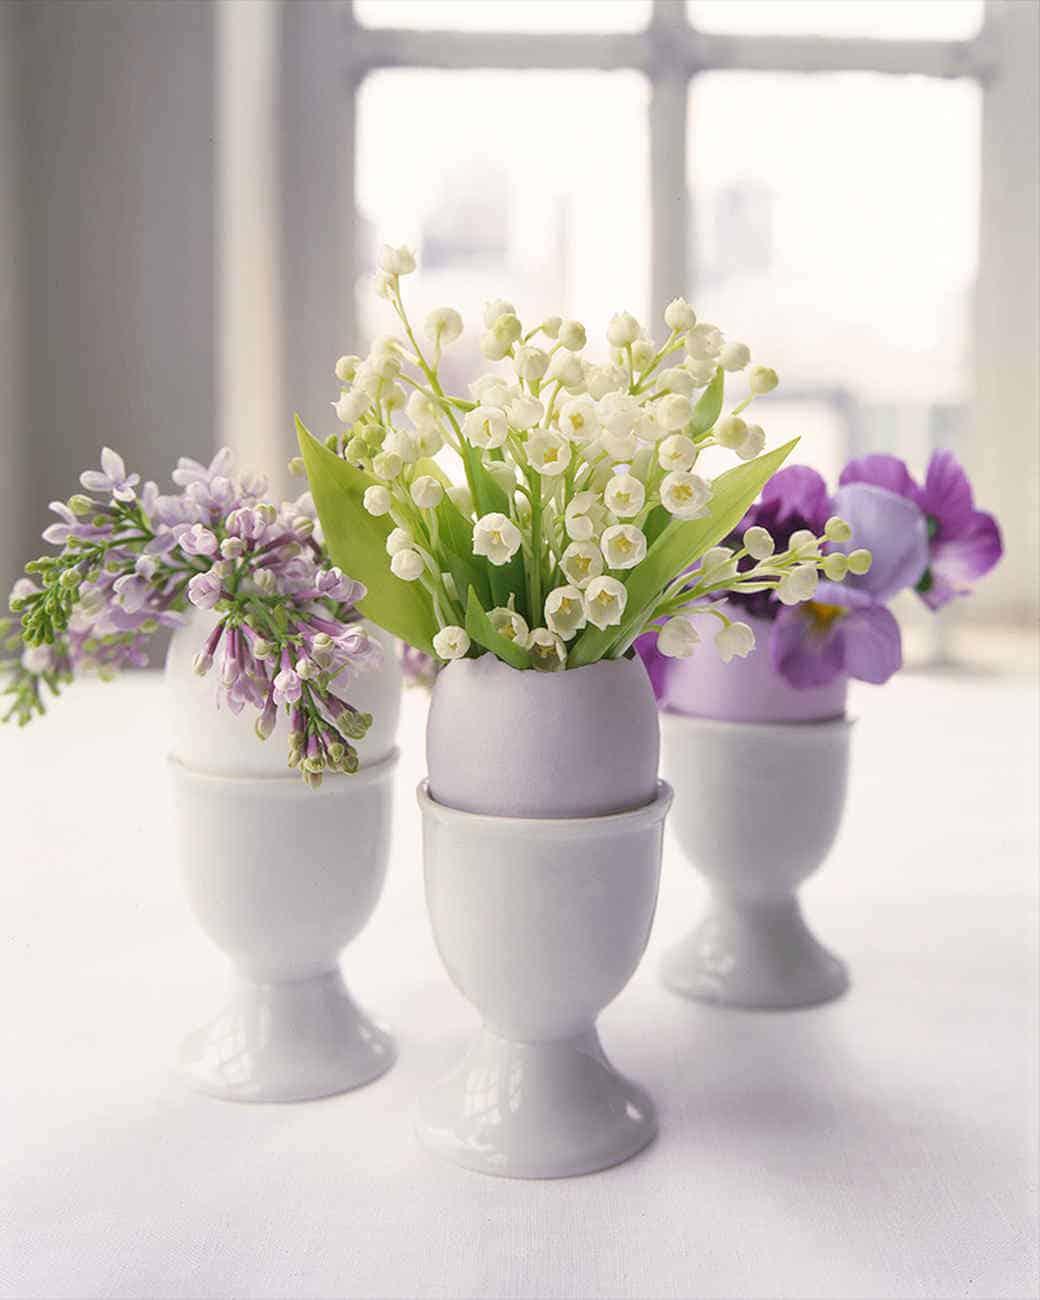 Arrangements floraux dans des coquilles d'oeufs pastel